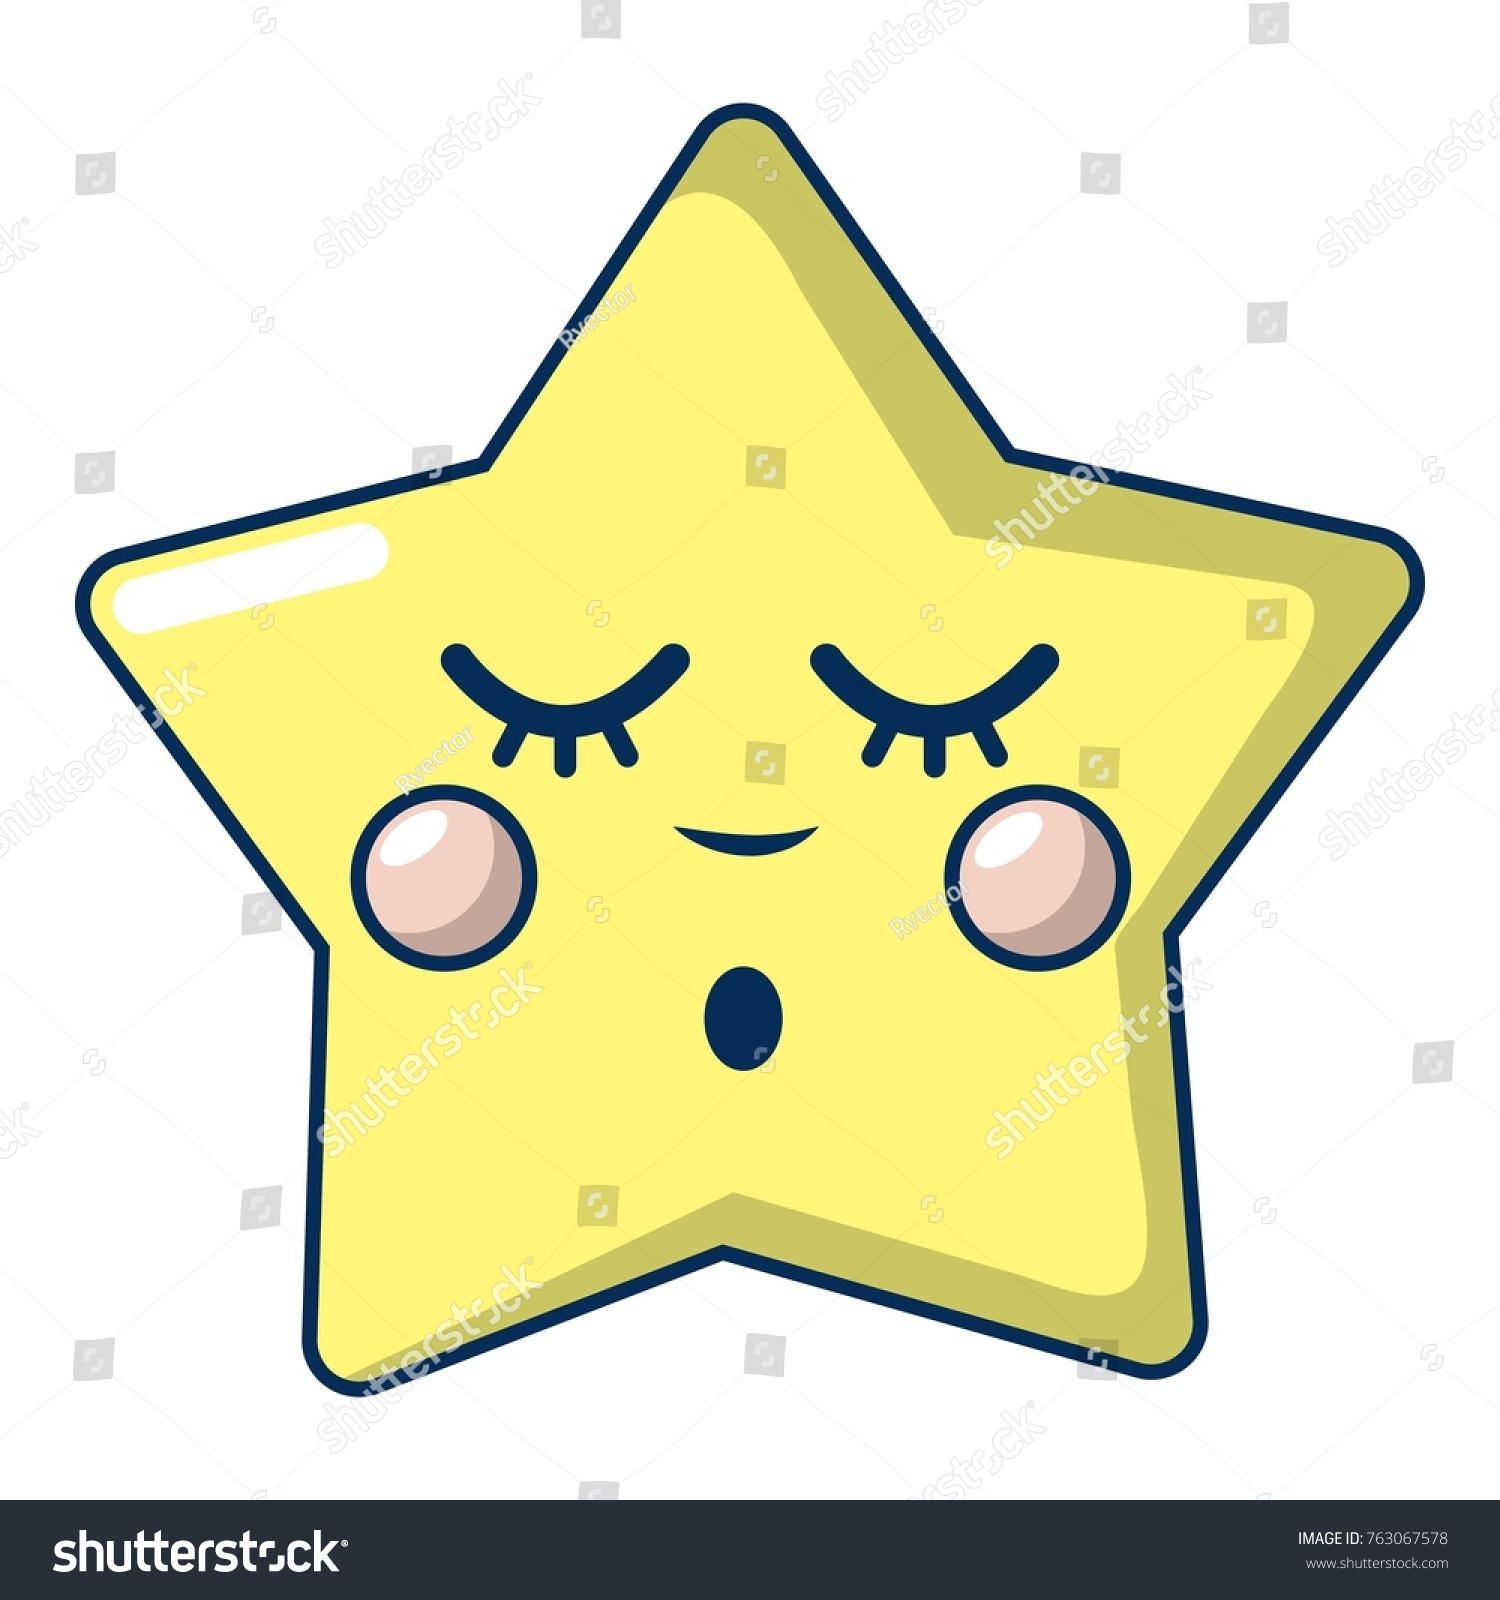 sleeping star icon cartoon illustration sleeping stock vector 2018 rh shutterstock com Christmas Star Cartoon Clip Art Super Star Clip Art